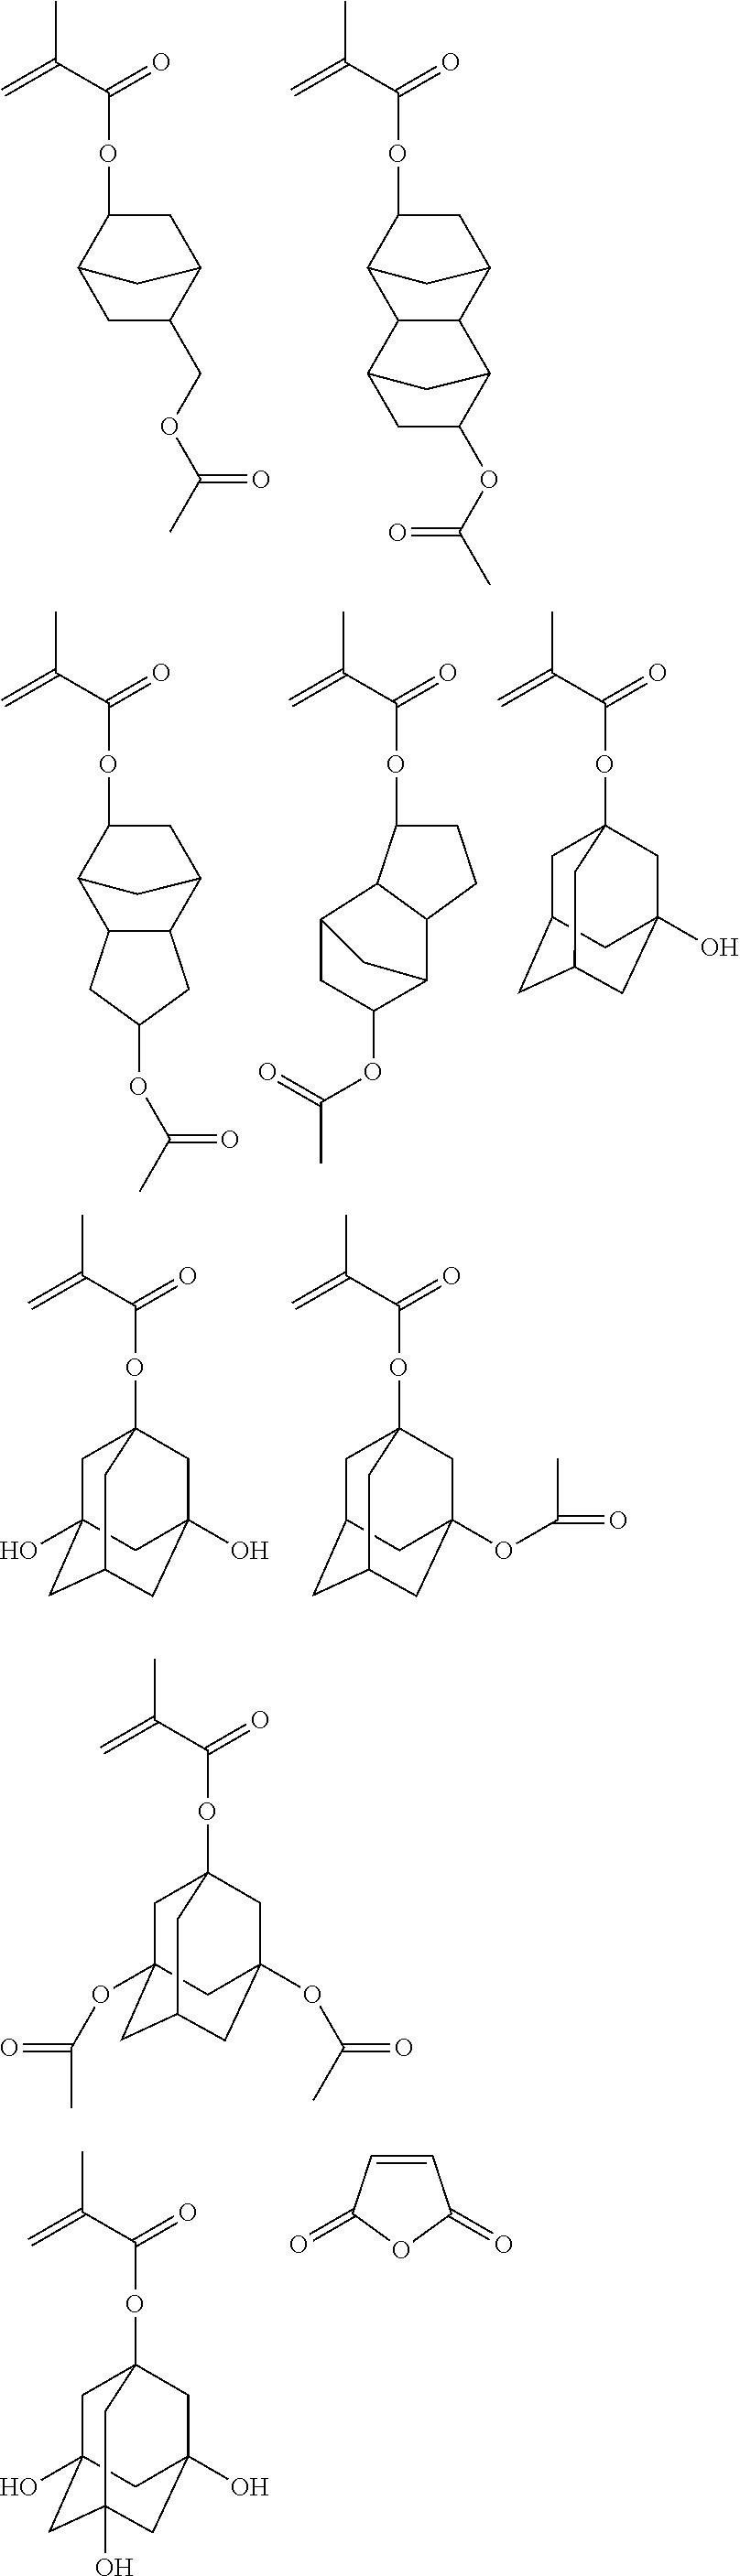 Figure US20110294070A1-20111201-C00036